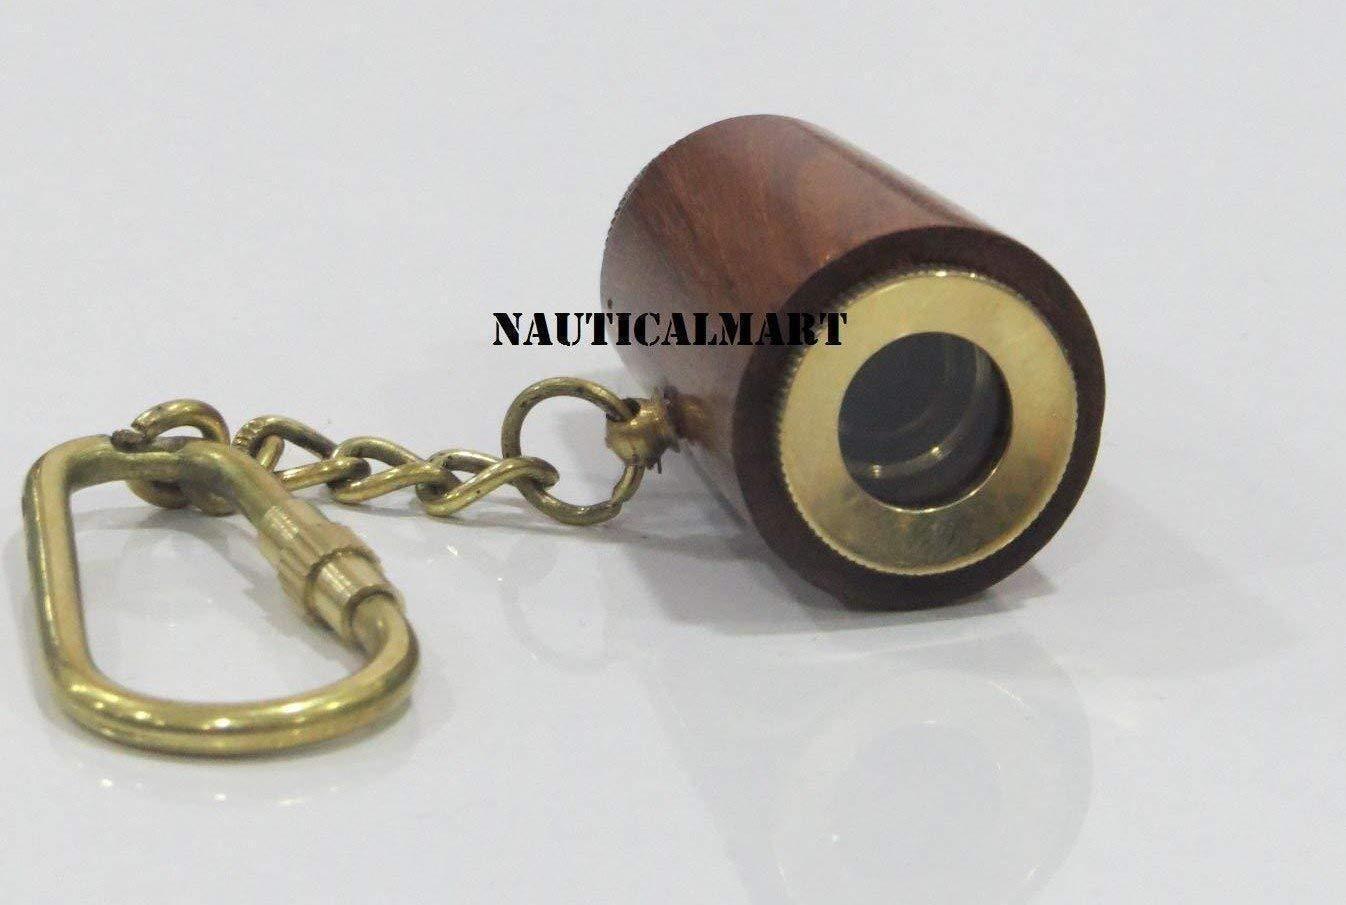 NauticalMart Nautical Gift Key Chain Maritime Marine Rope Knot White Key Ring